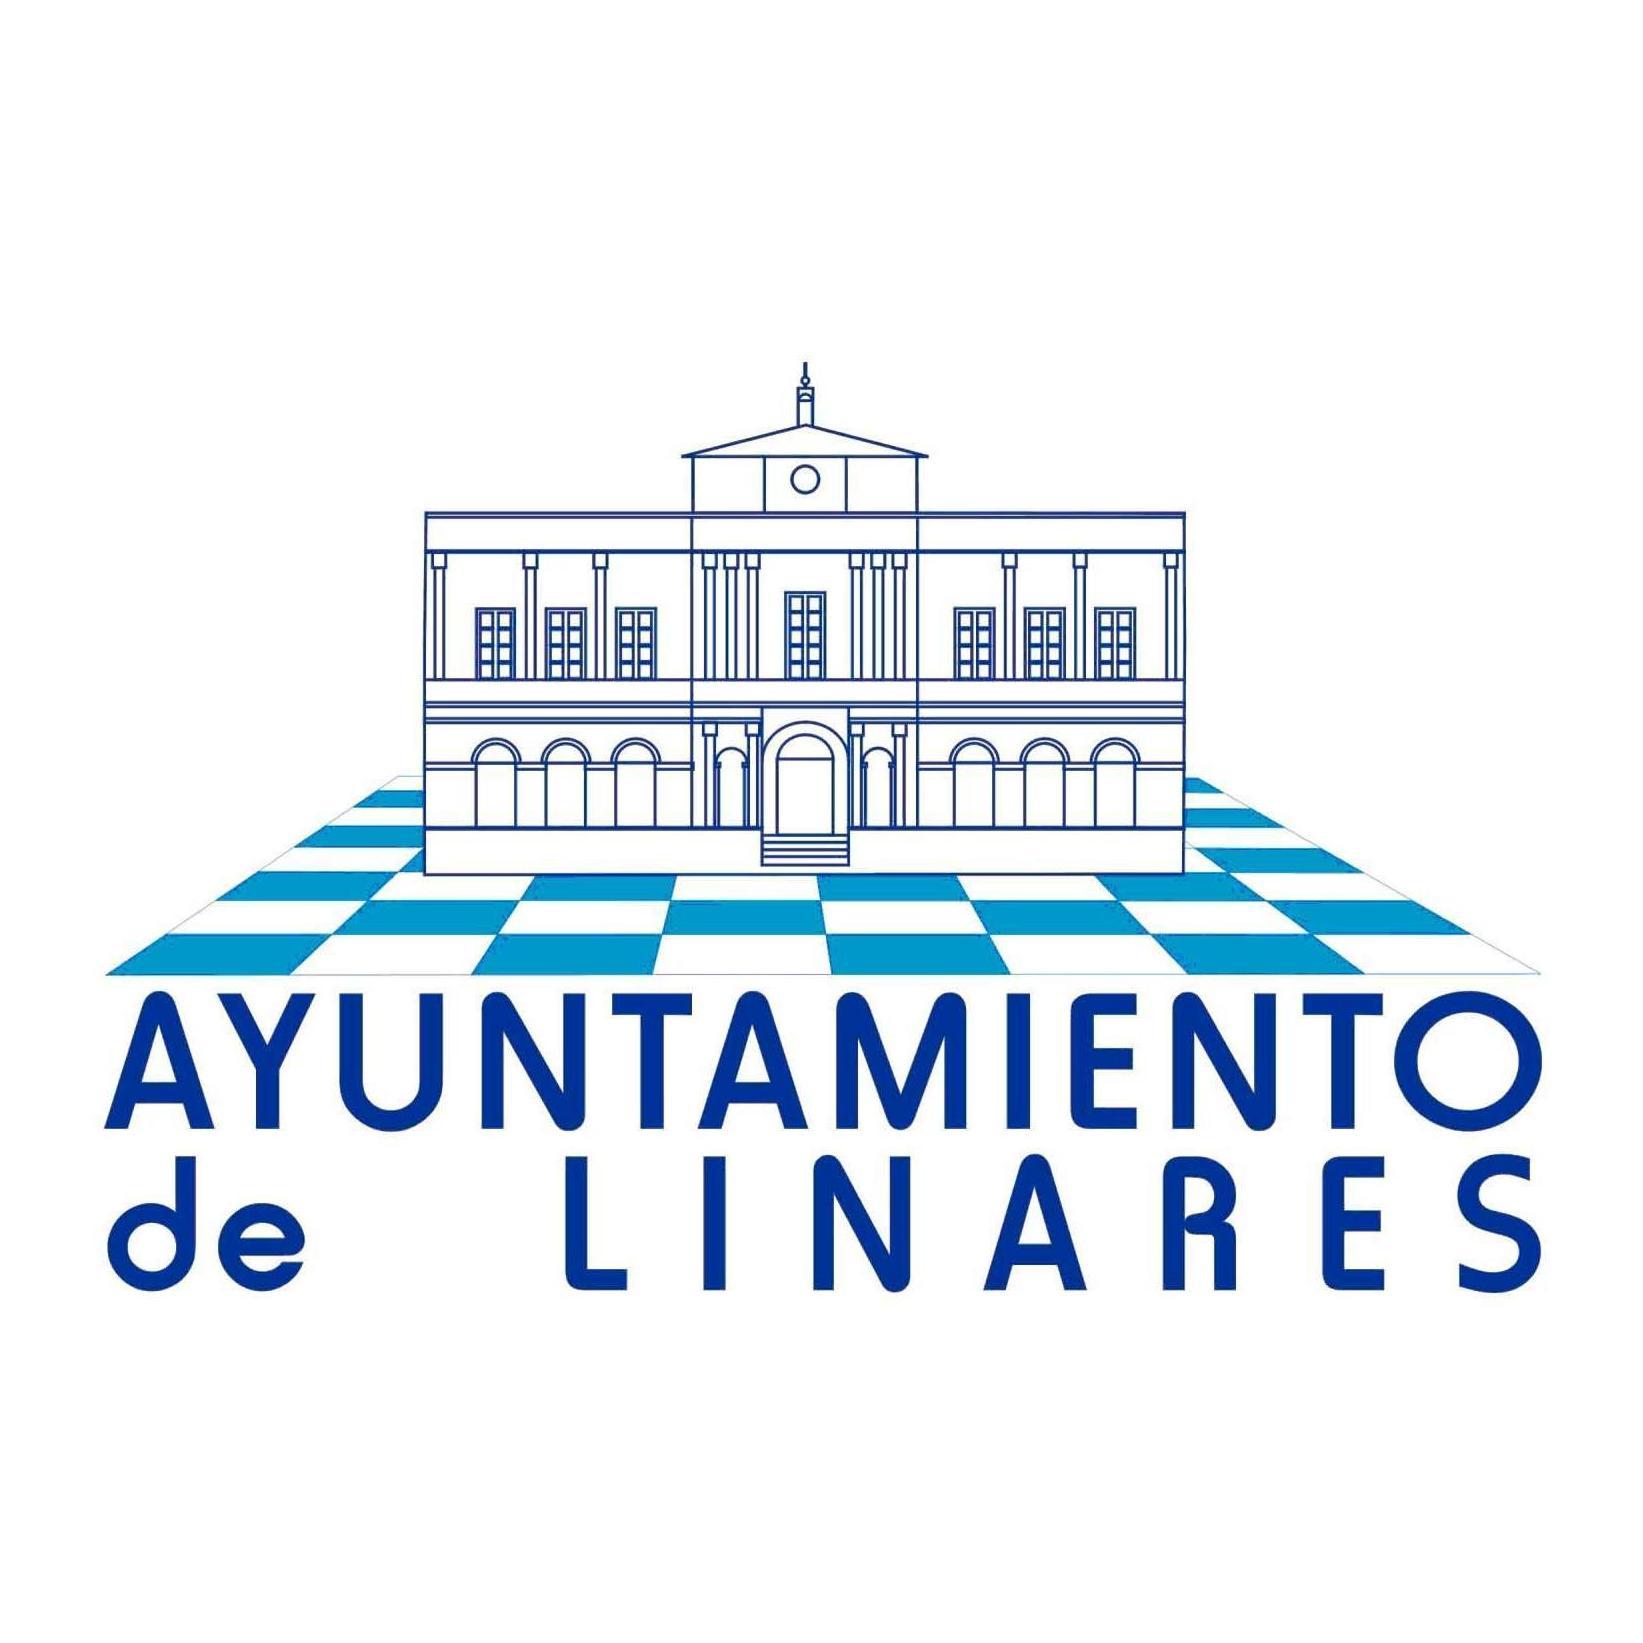 AYUNTAMIENTO DE LINARES